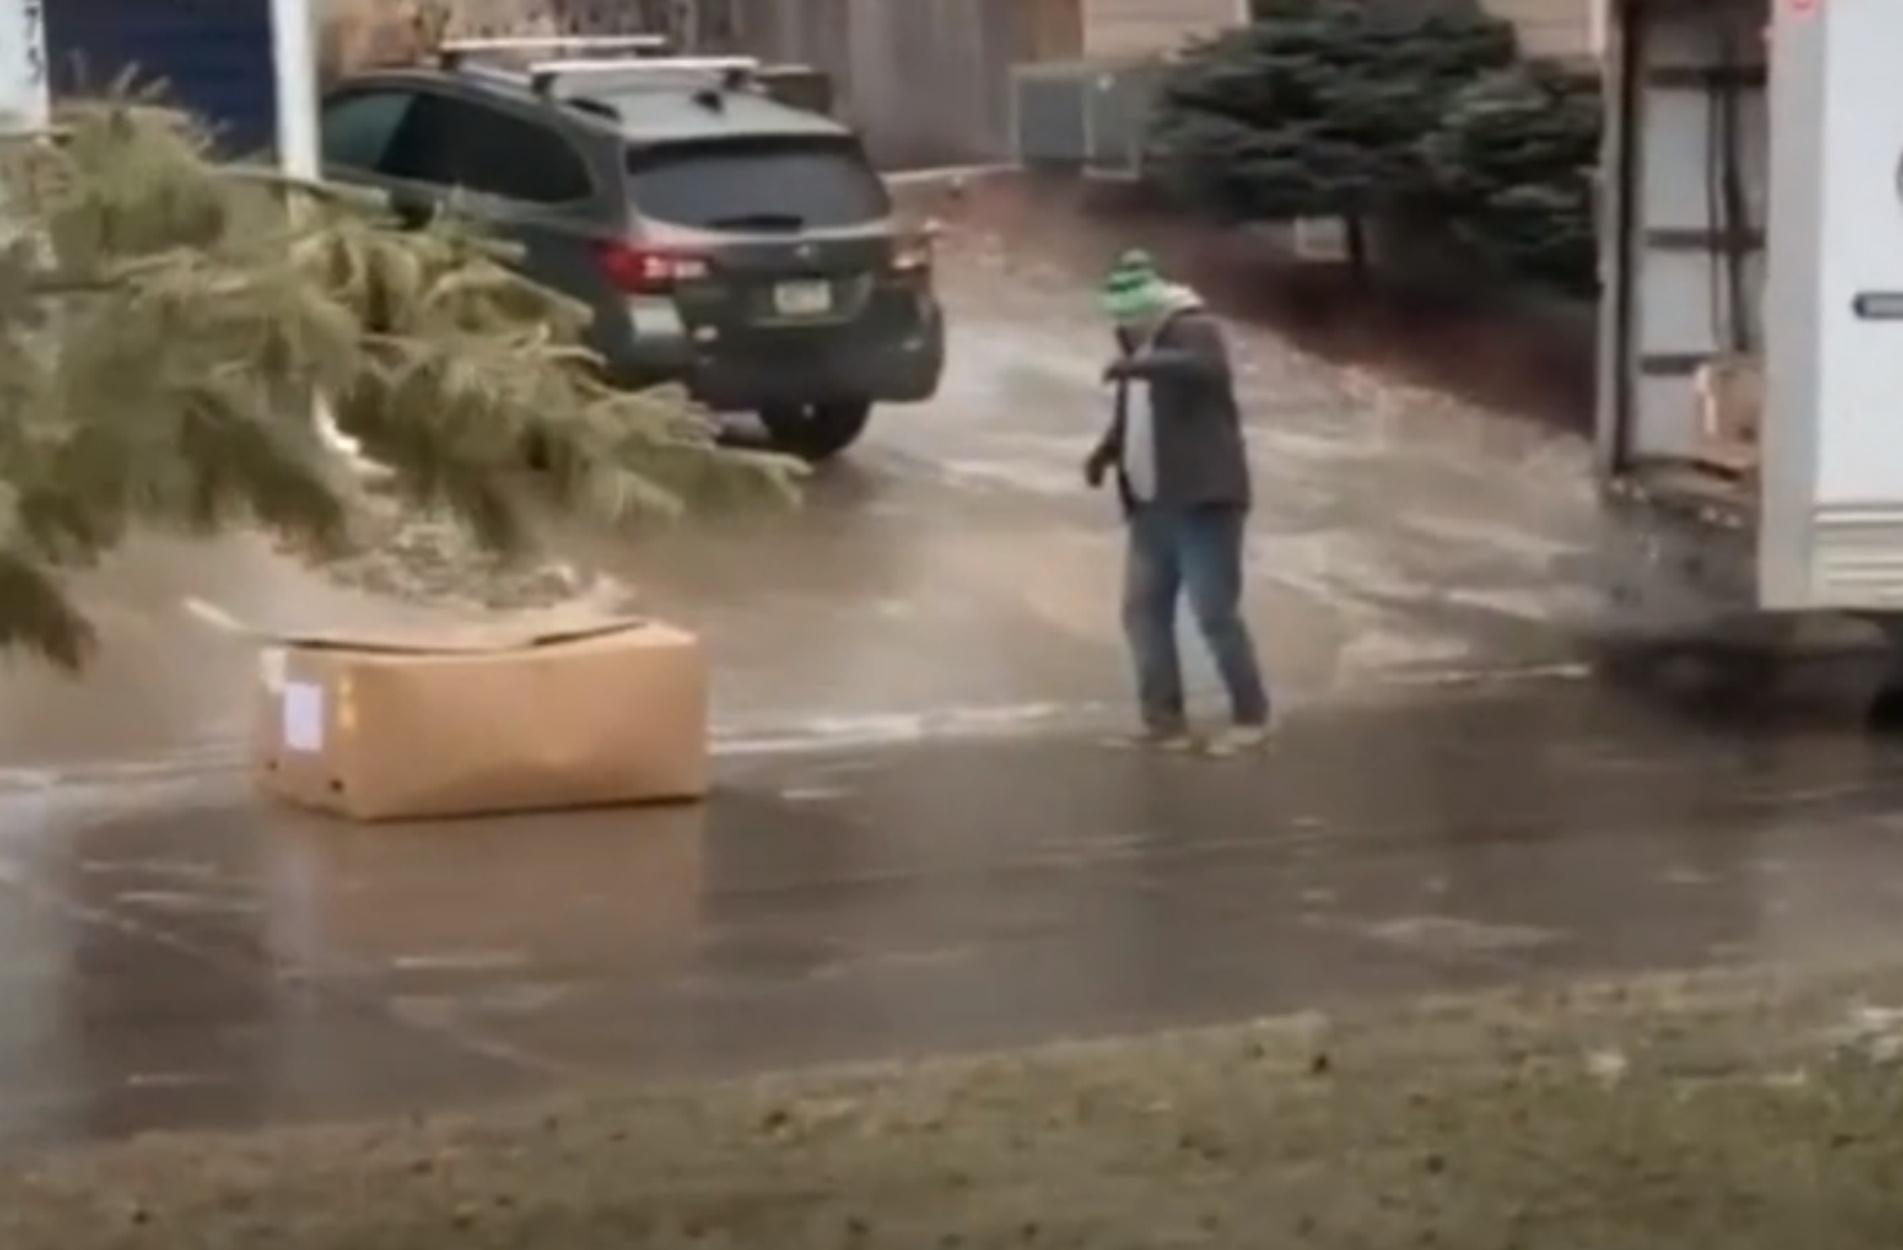 Κούριερ πασχίζουν σε γλιστερό δρόμο να παραδώσουν μεγάλο πακέτο!